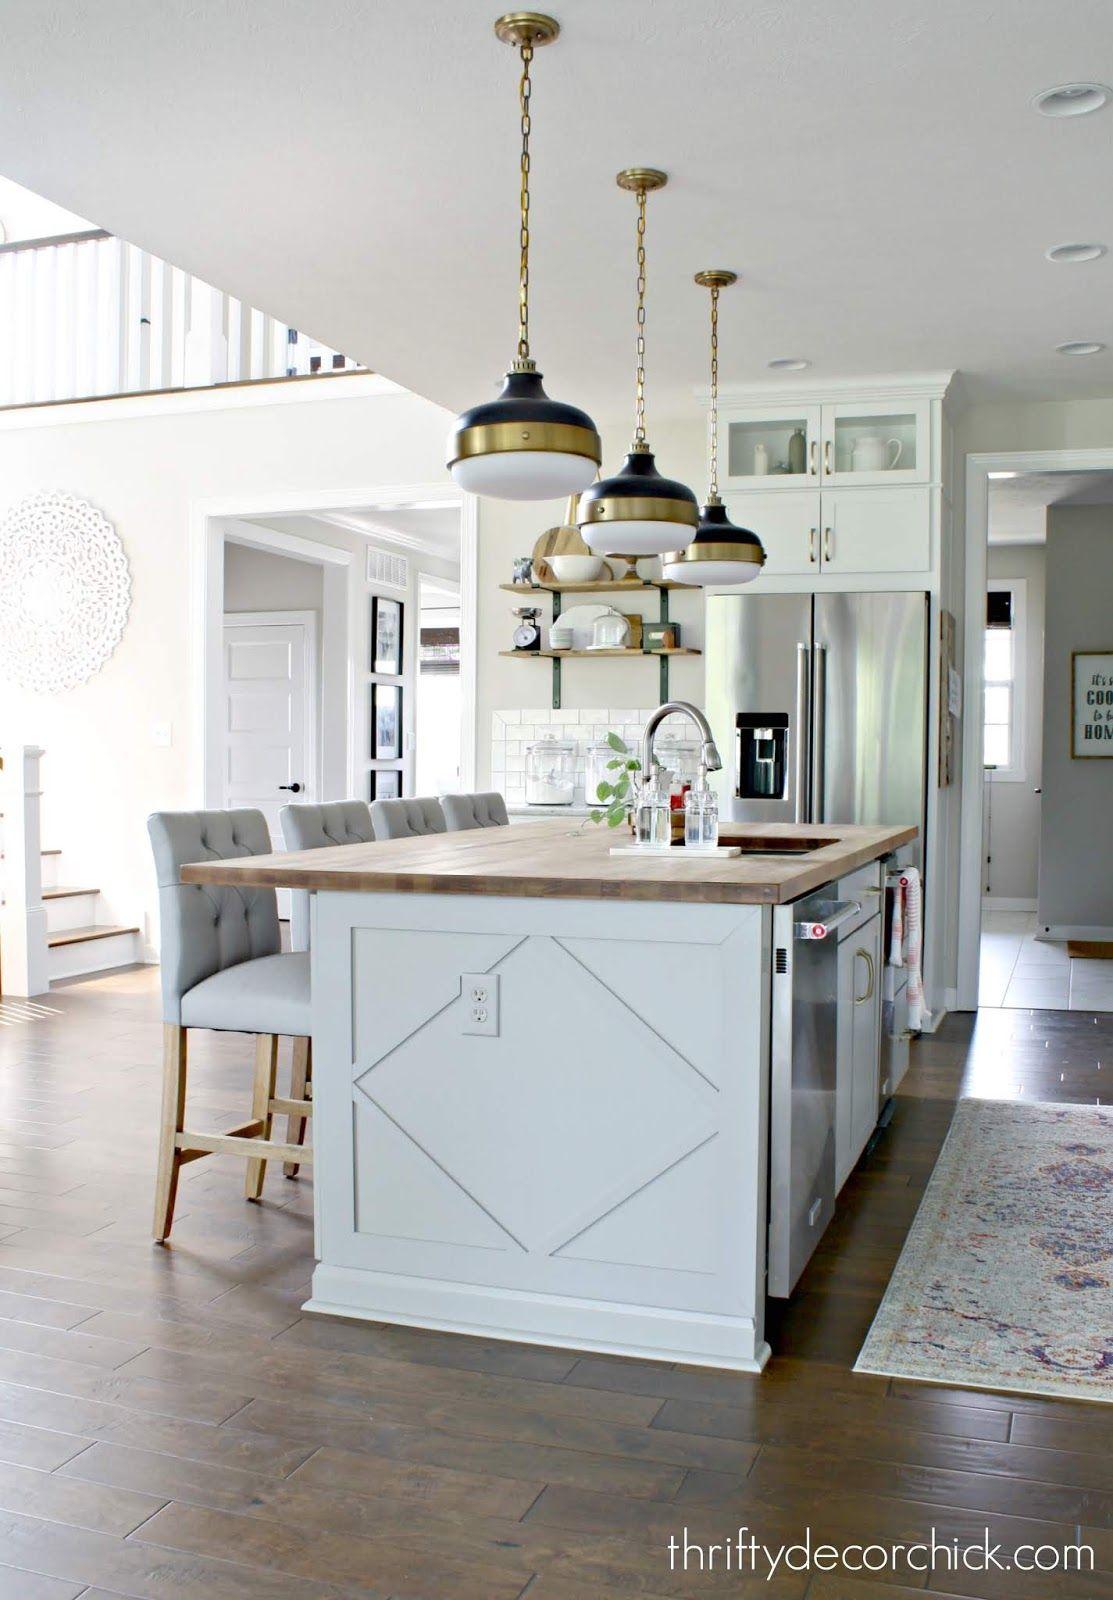 Adding custom detail to a plain kitchen island | Kitchens ...